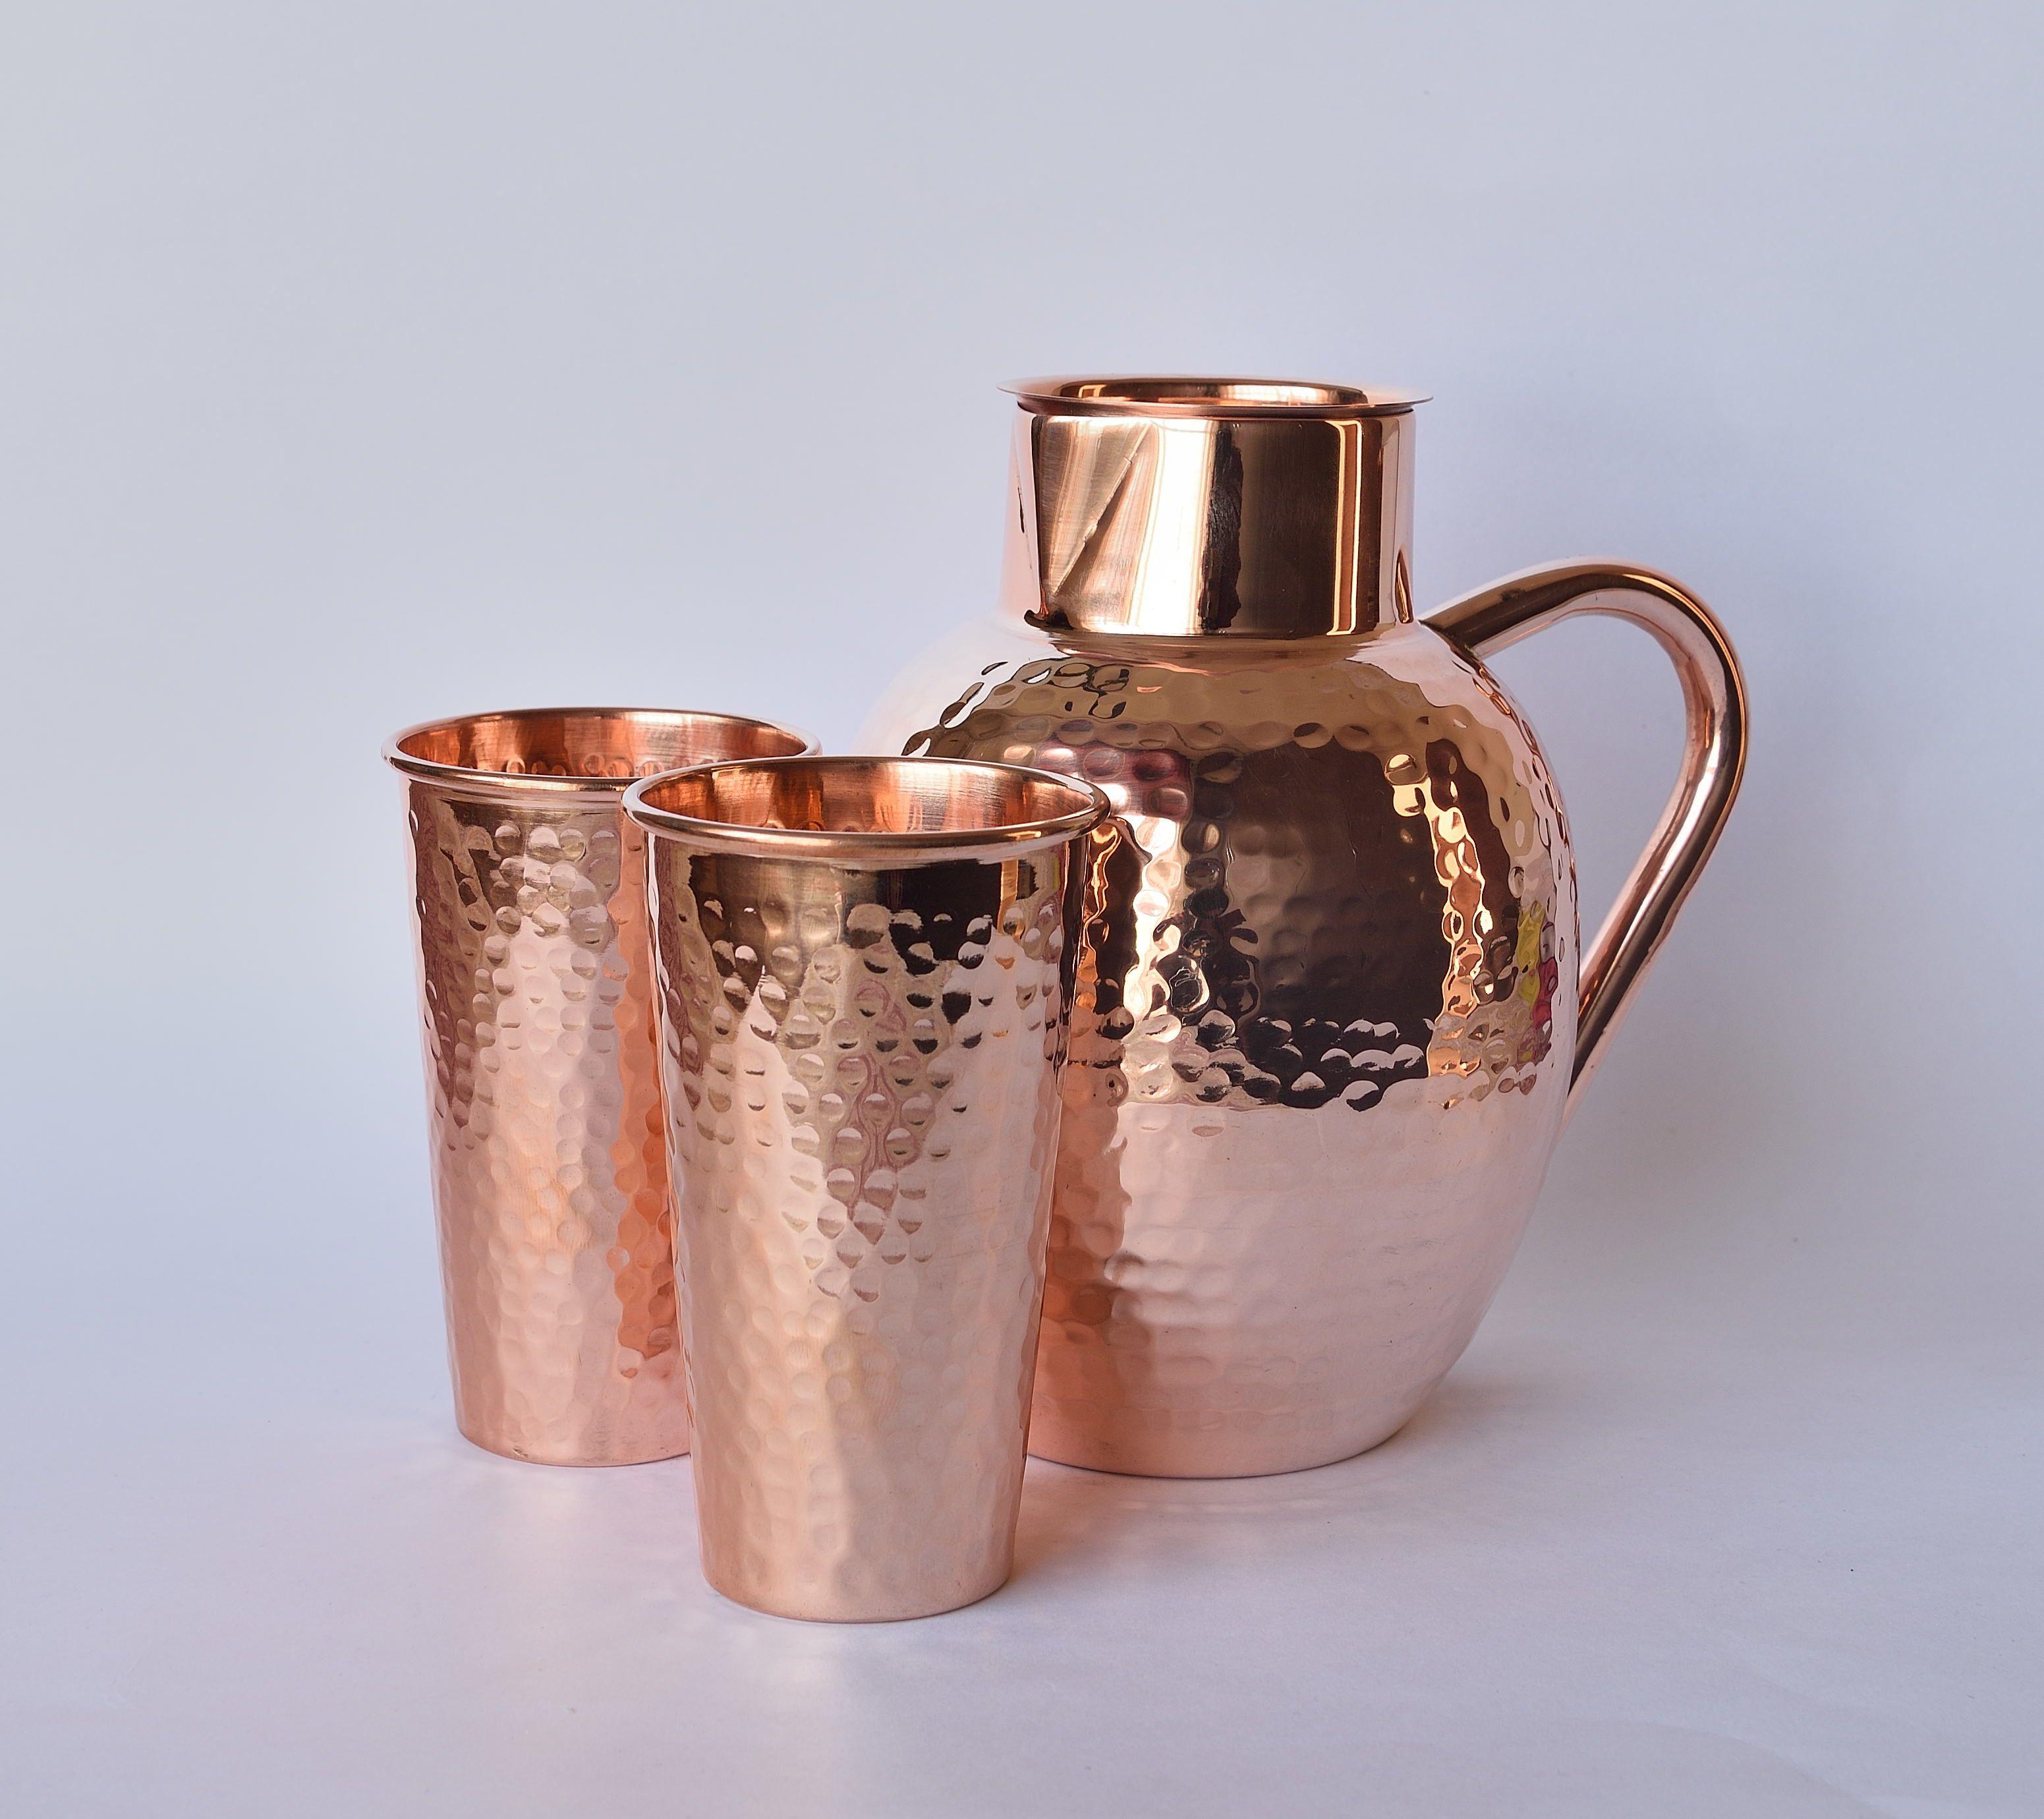 Daamisha pure copper jug 2 glass set copper jug glass